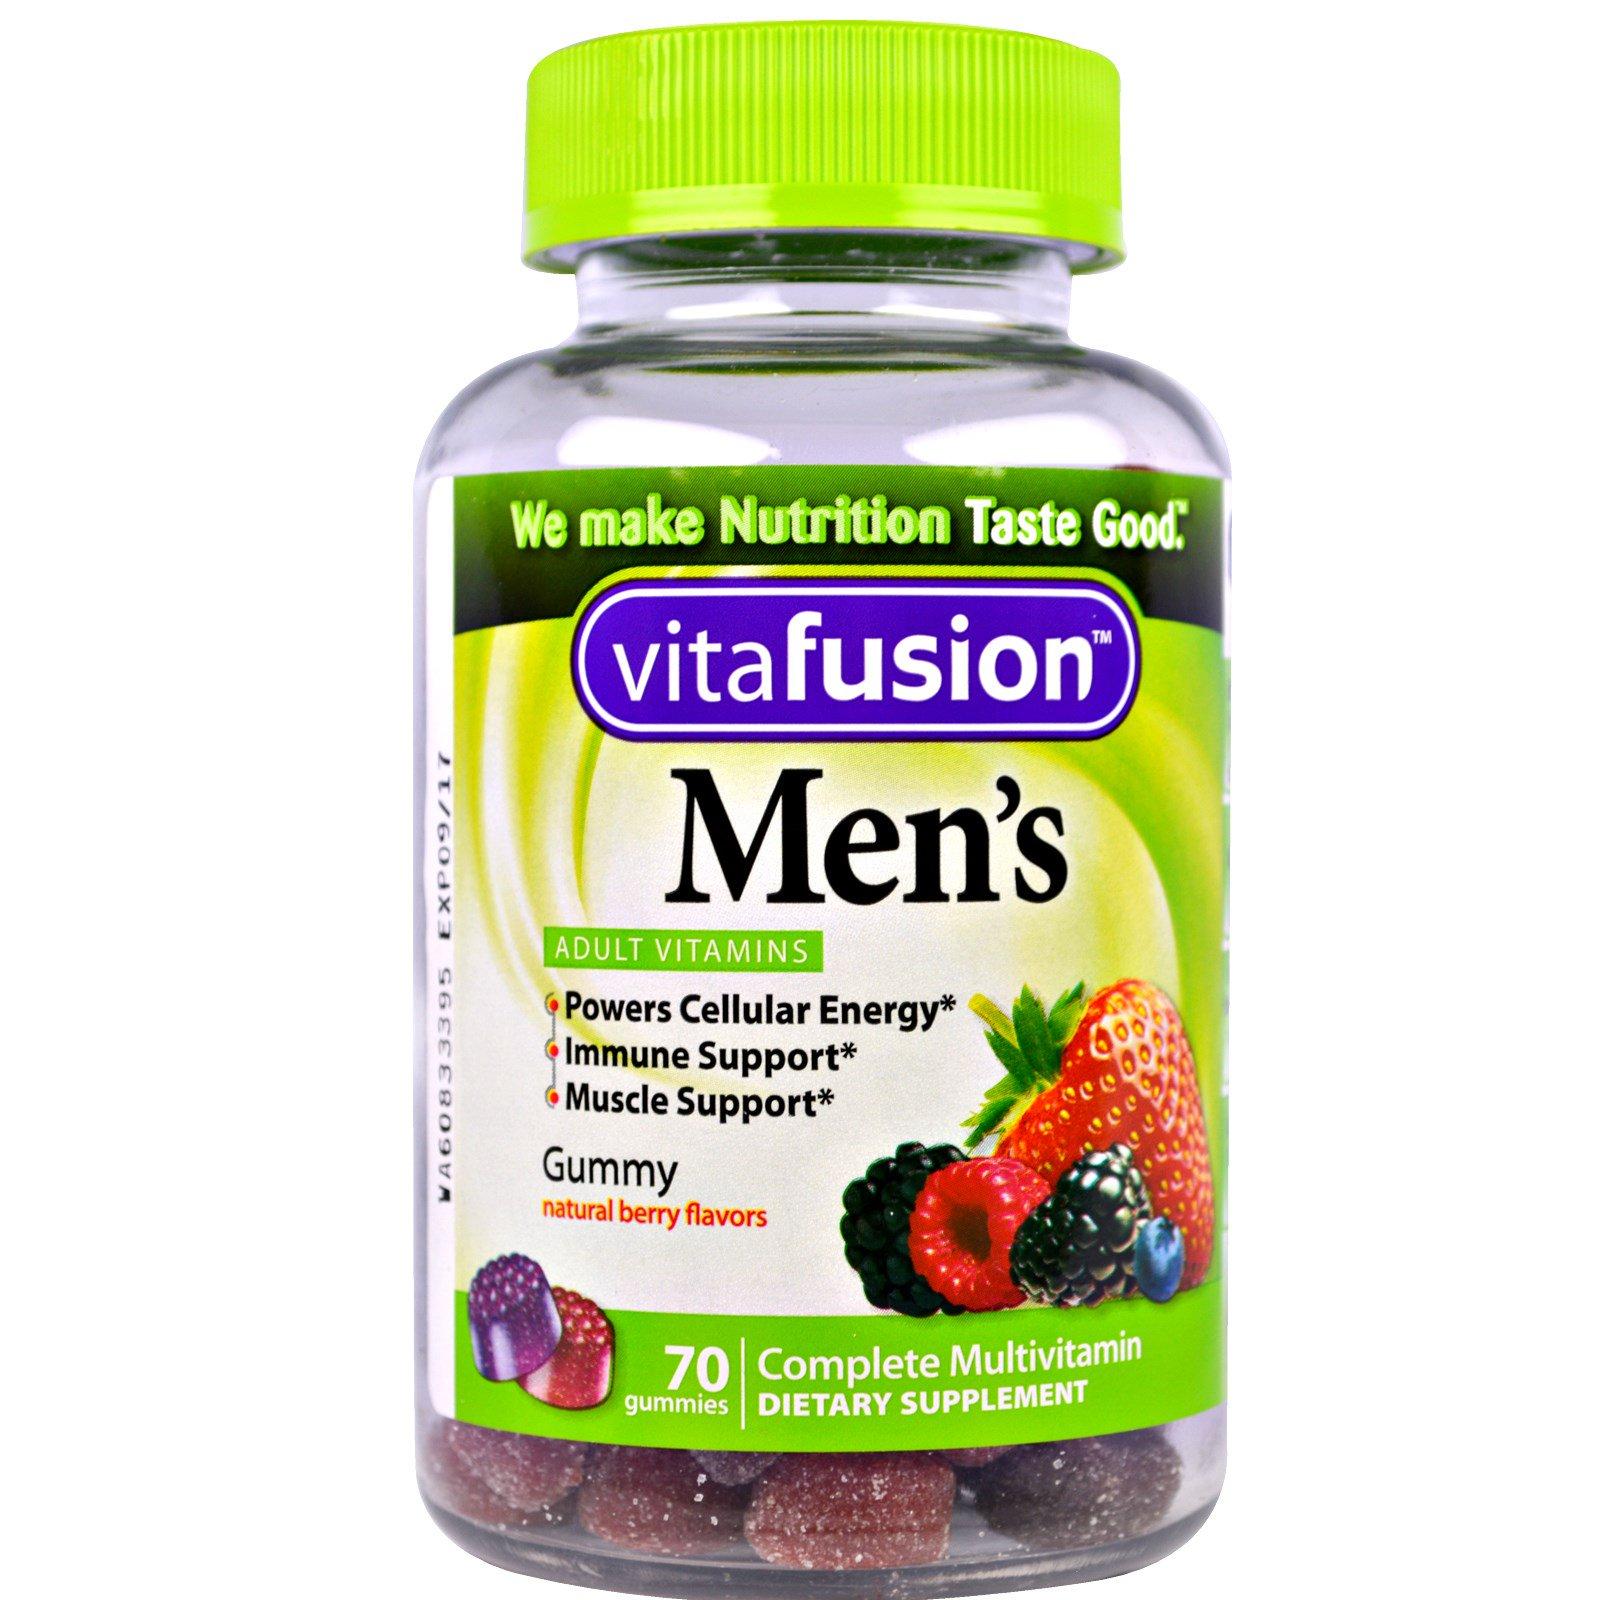 VitaFusion, Мультивитамины для мужчин, натуральный вкус ягод, 70 жевательных таблеток